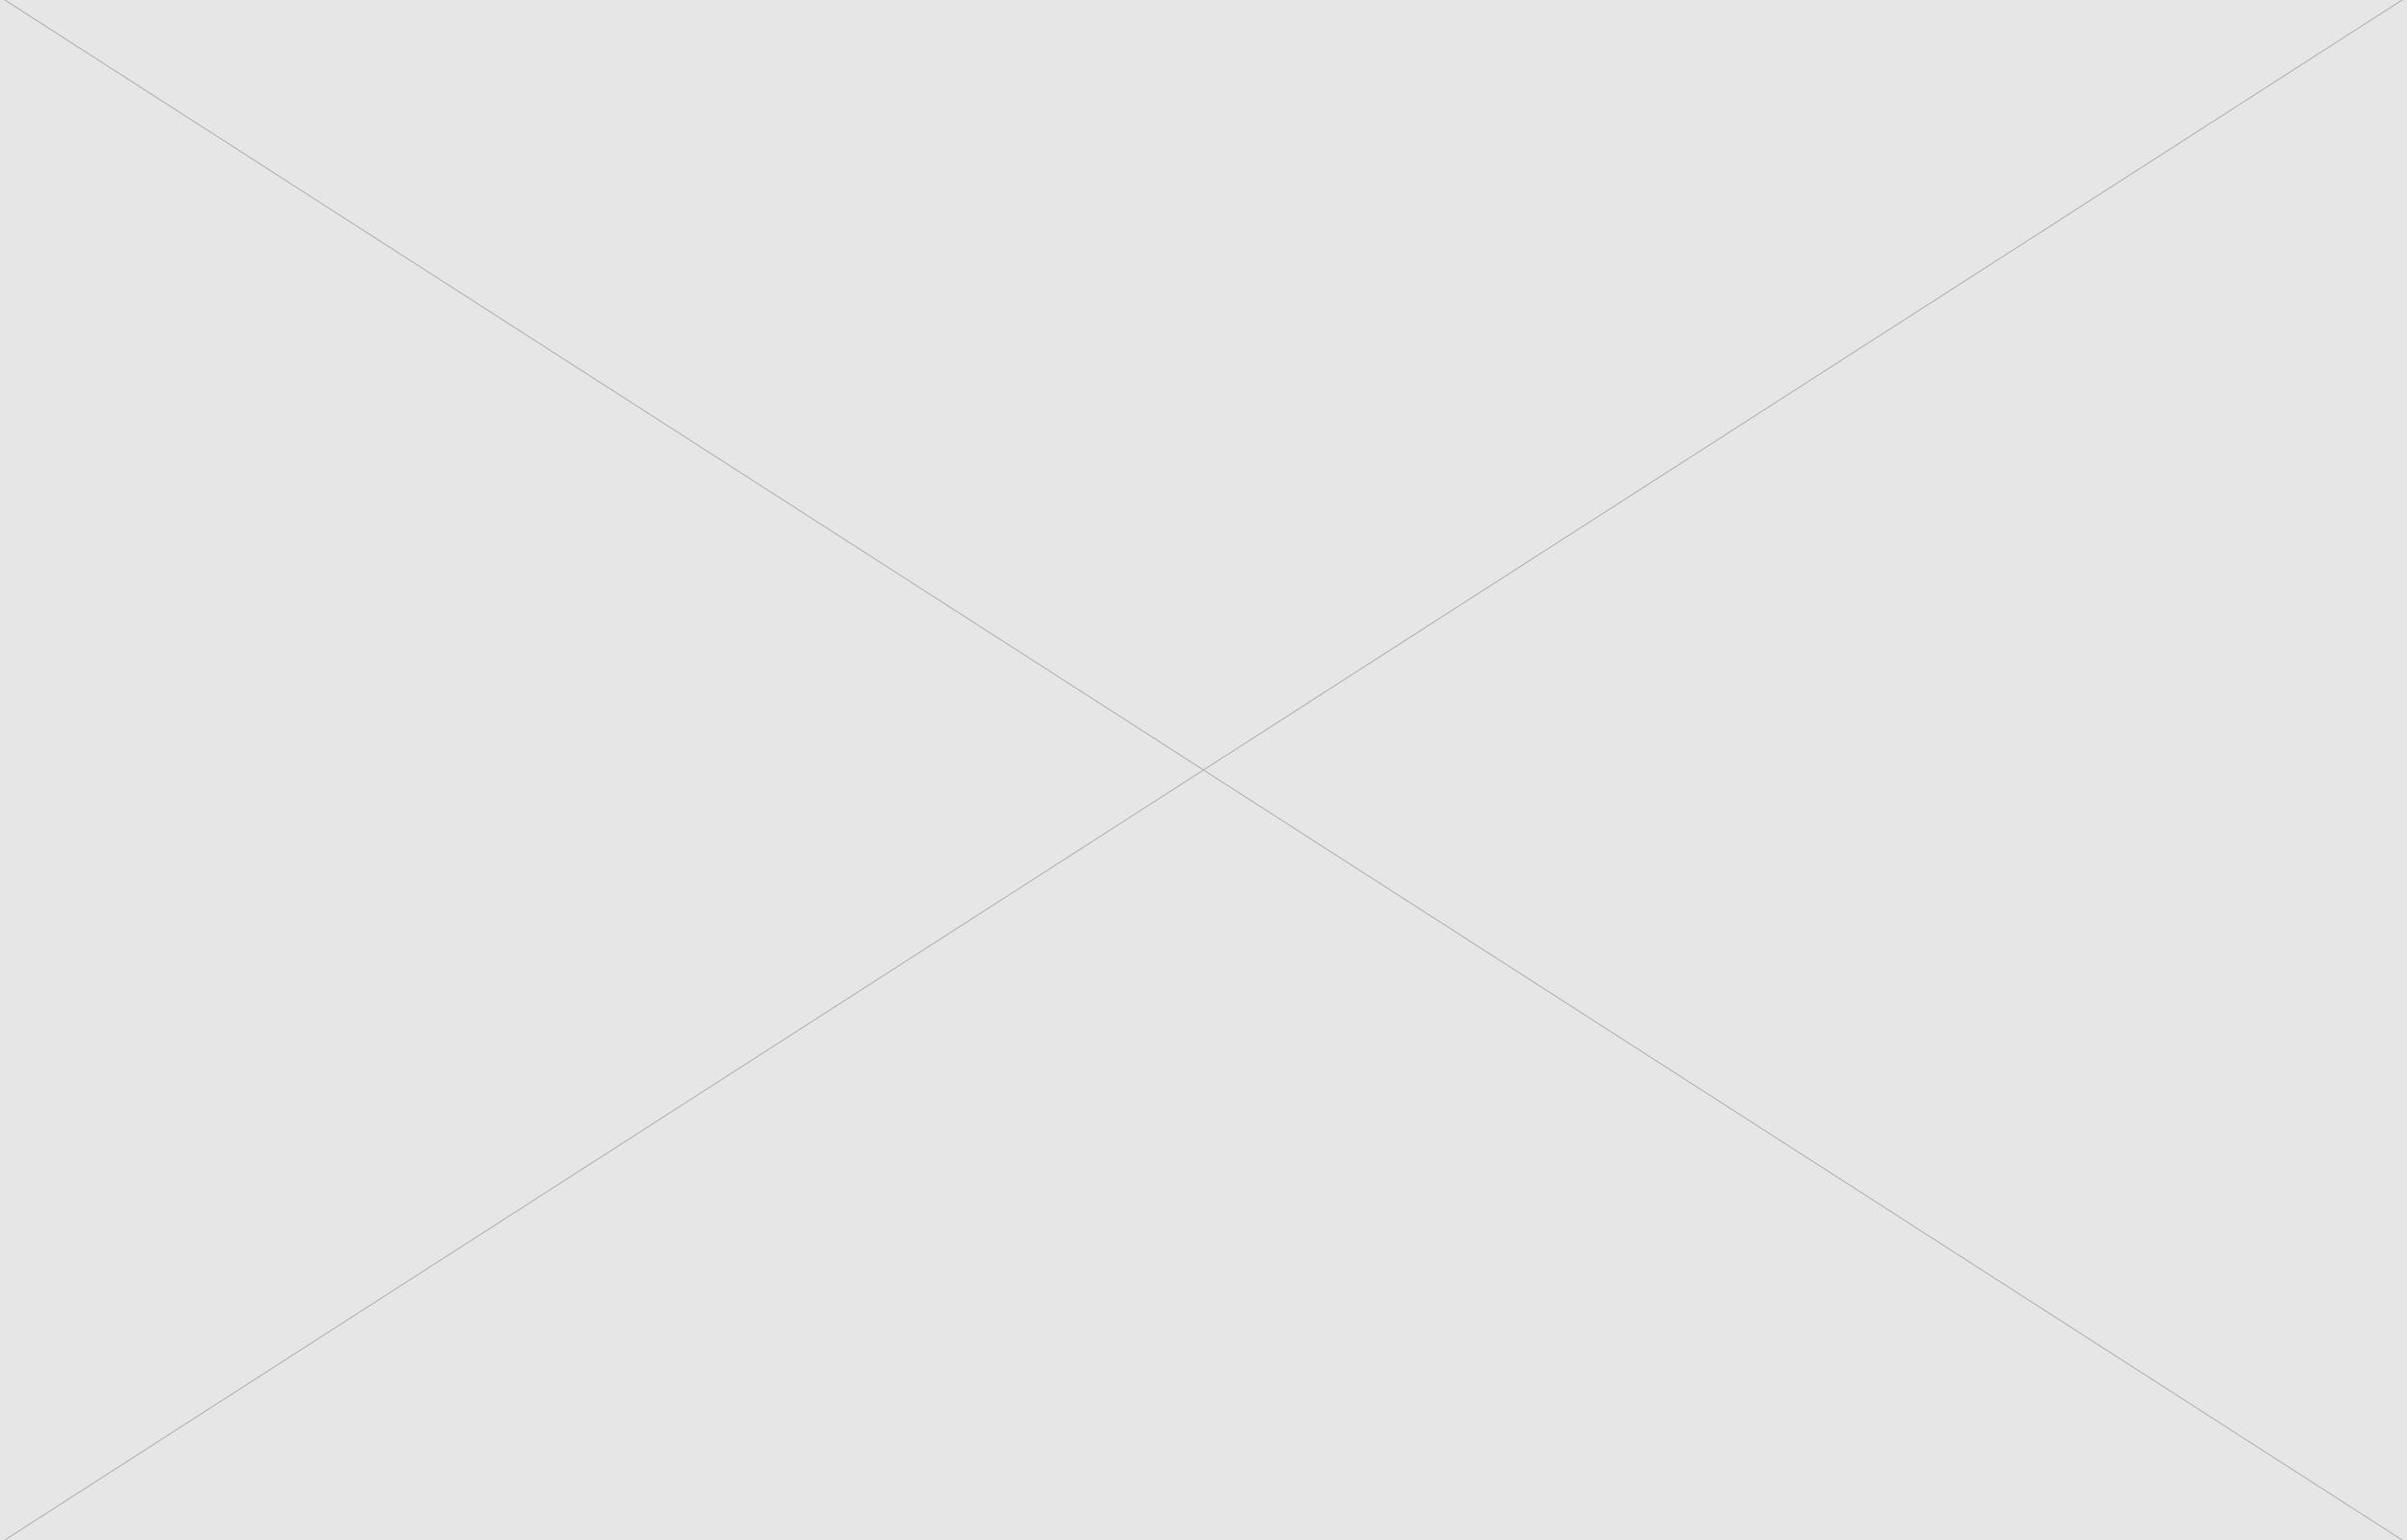 Dolor Magna Tortor. - Cum sociis natoque penatibus et magnis dis parturient montes, nascetur ridiculus mus. Donec ullamcorper nulla non metus auctor fringilla. Donec sed odio dui. Nullam id dolor id nibh ultricies vehicula ut id elit. Vivamus sagittis lacus vel augue laoreet rutrum faucibus dolor auctor.